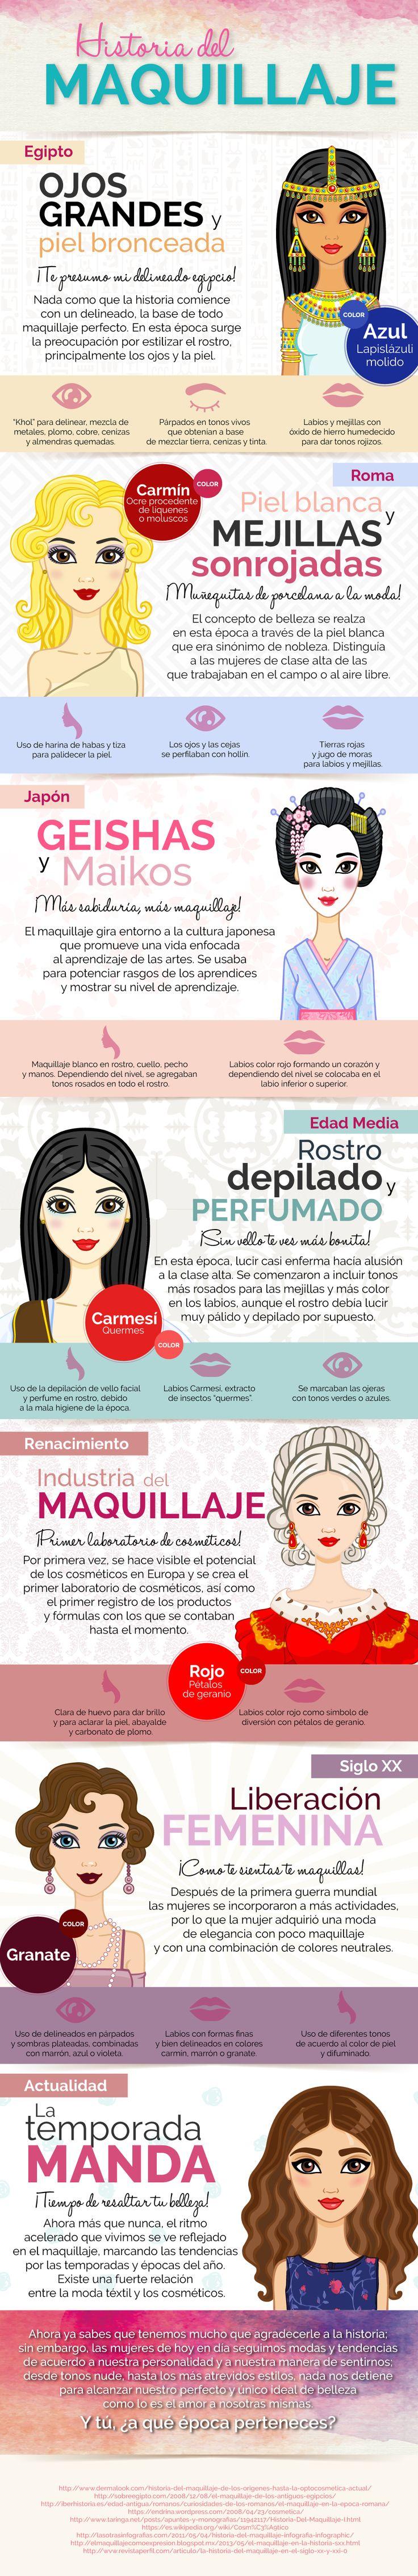 La historia del maquillaje se remonta desde tiempos muy antiguos, aquí te la cuento.